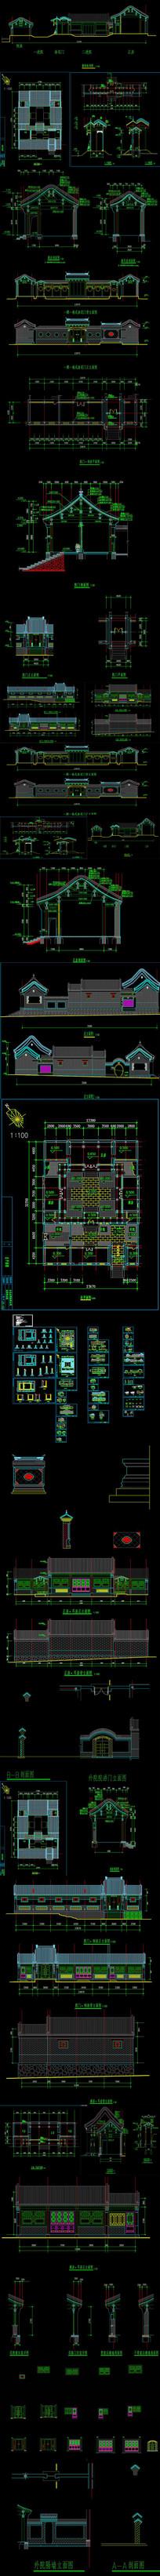 四合院建筑CAD图纸